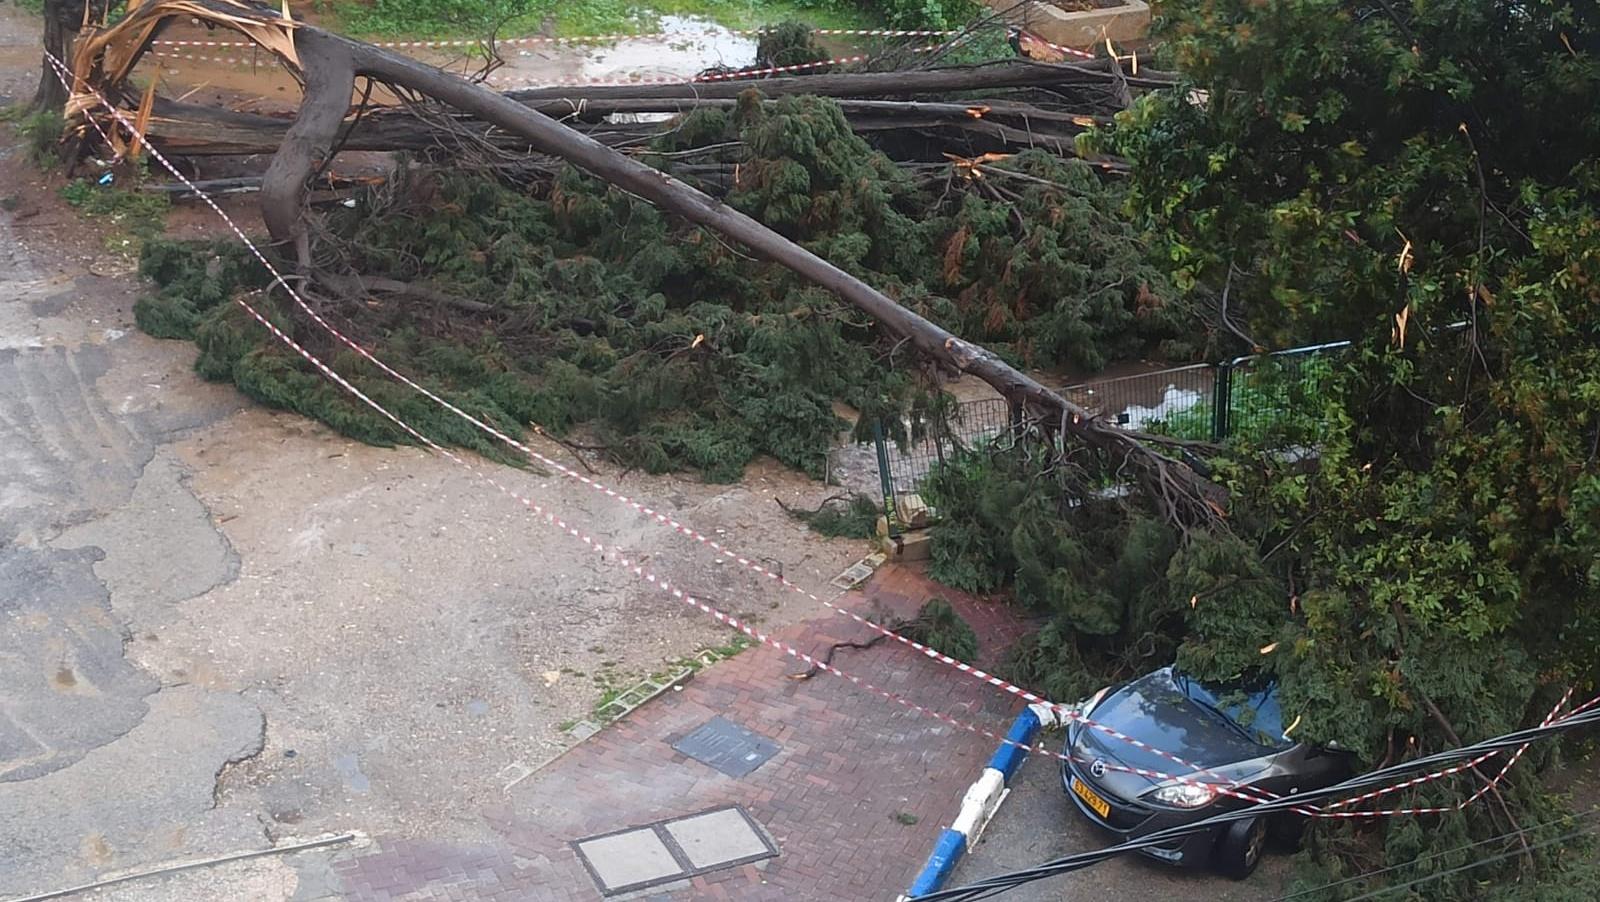 בשל מזג האוויר הסוער: נזק לכלי רכב בקריסת עץ ברעננה